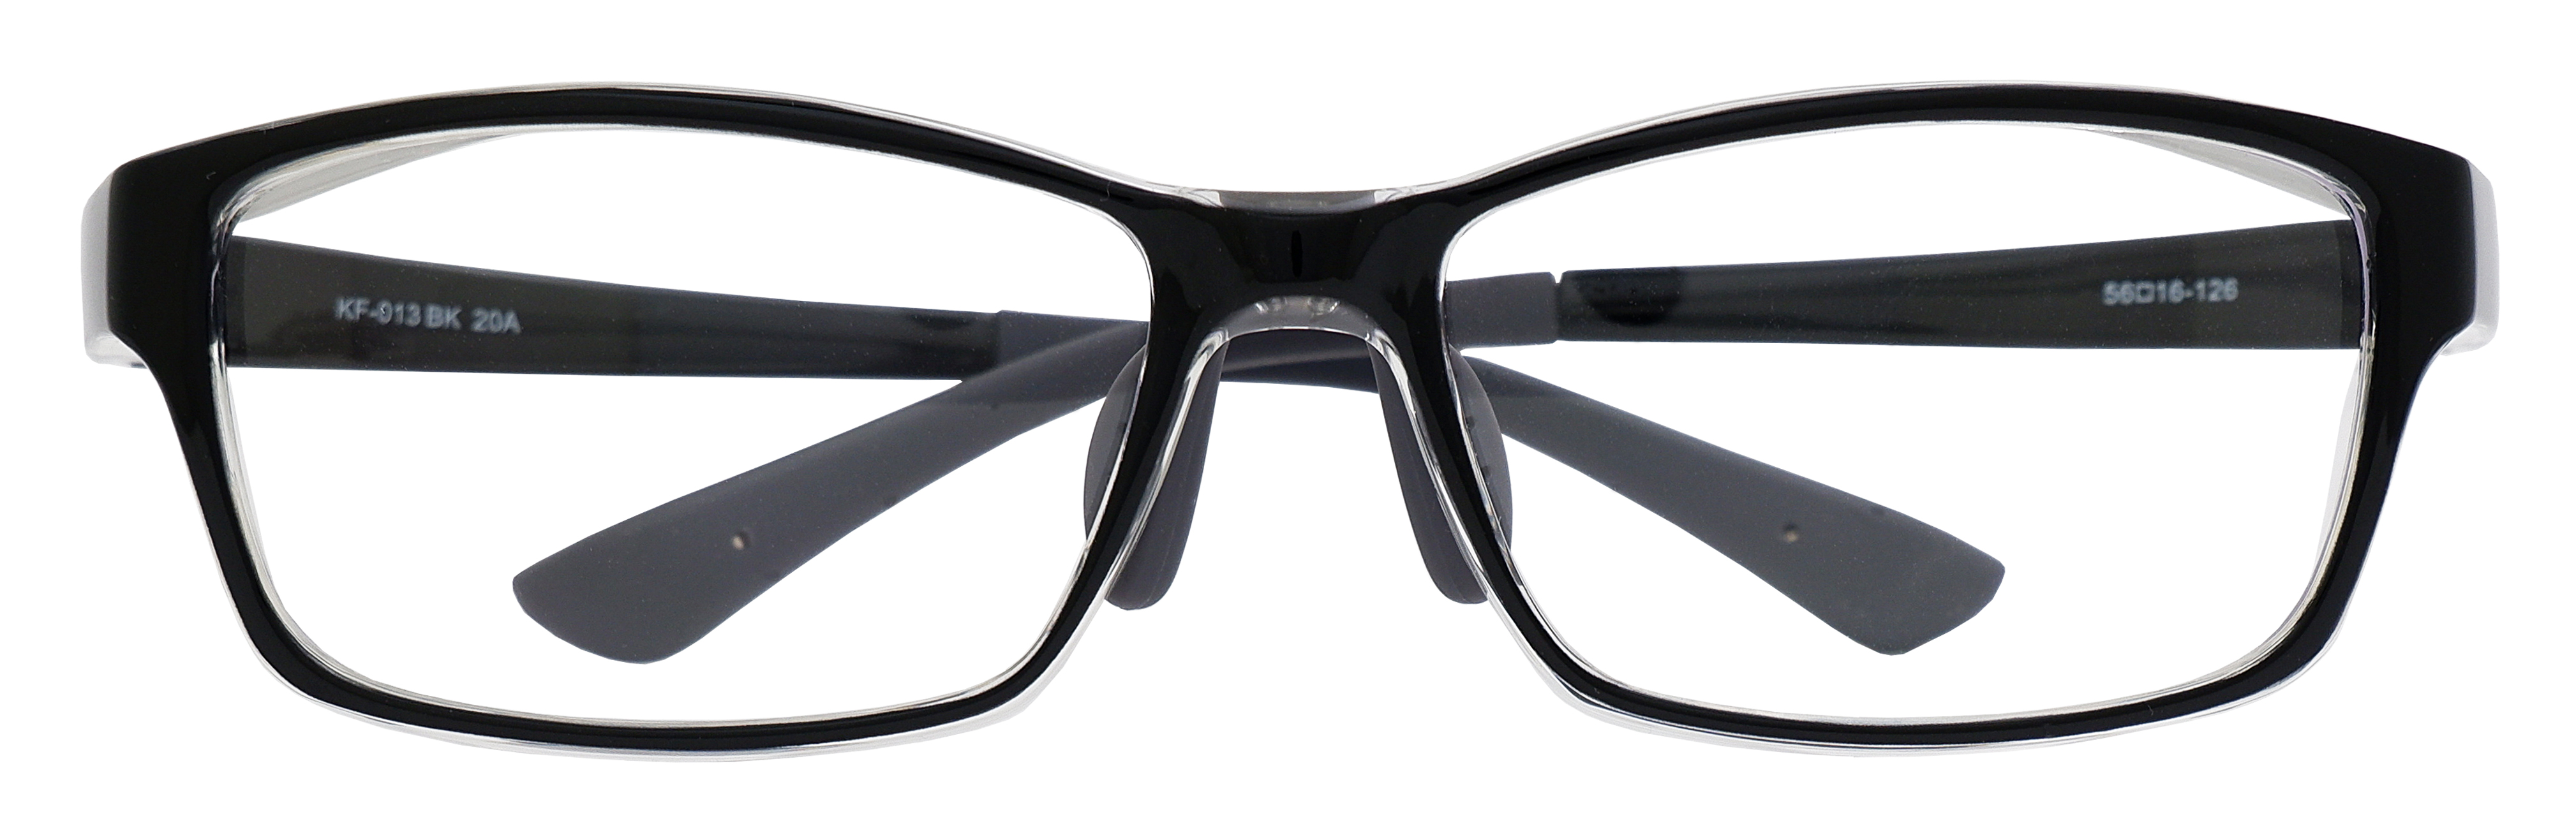 飛沫対策メガネ 花粉グラス 安い パリミキ KF-013 フロント